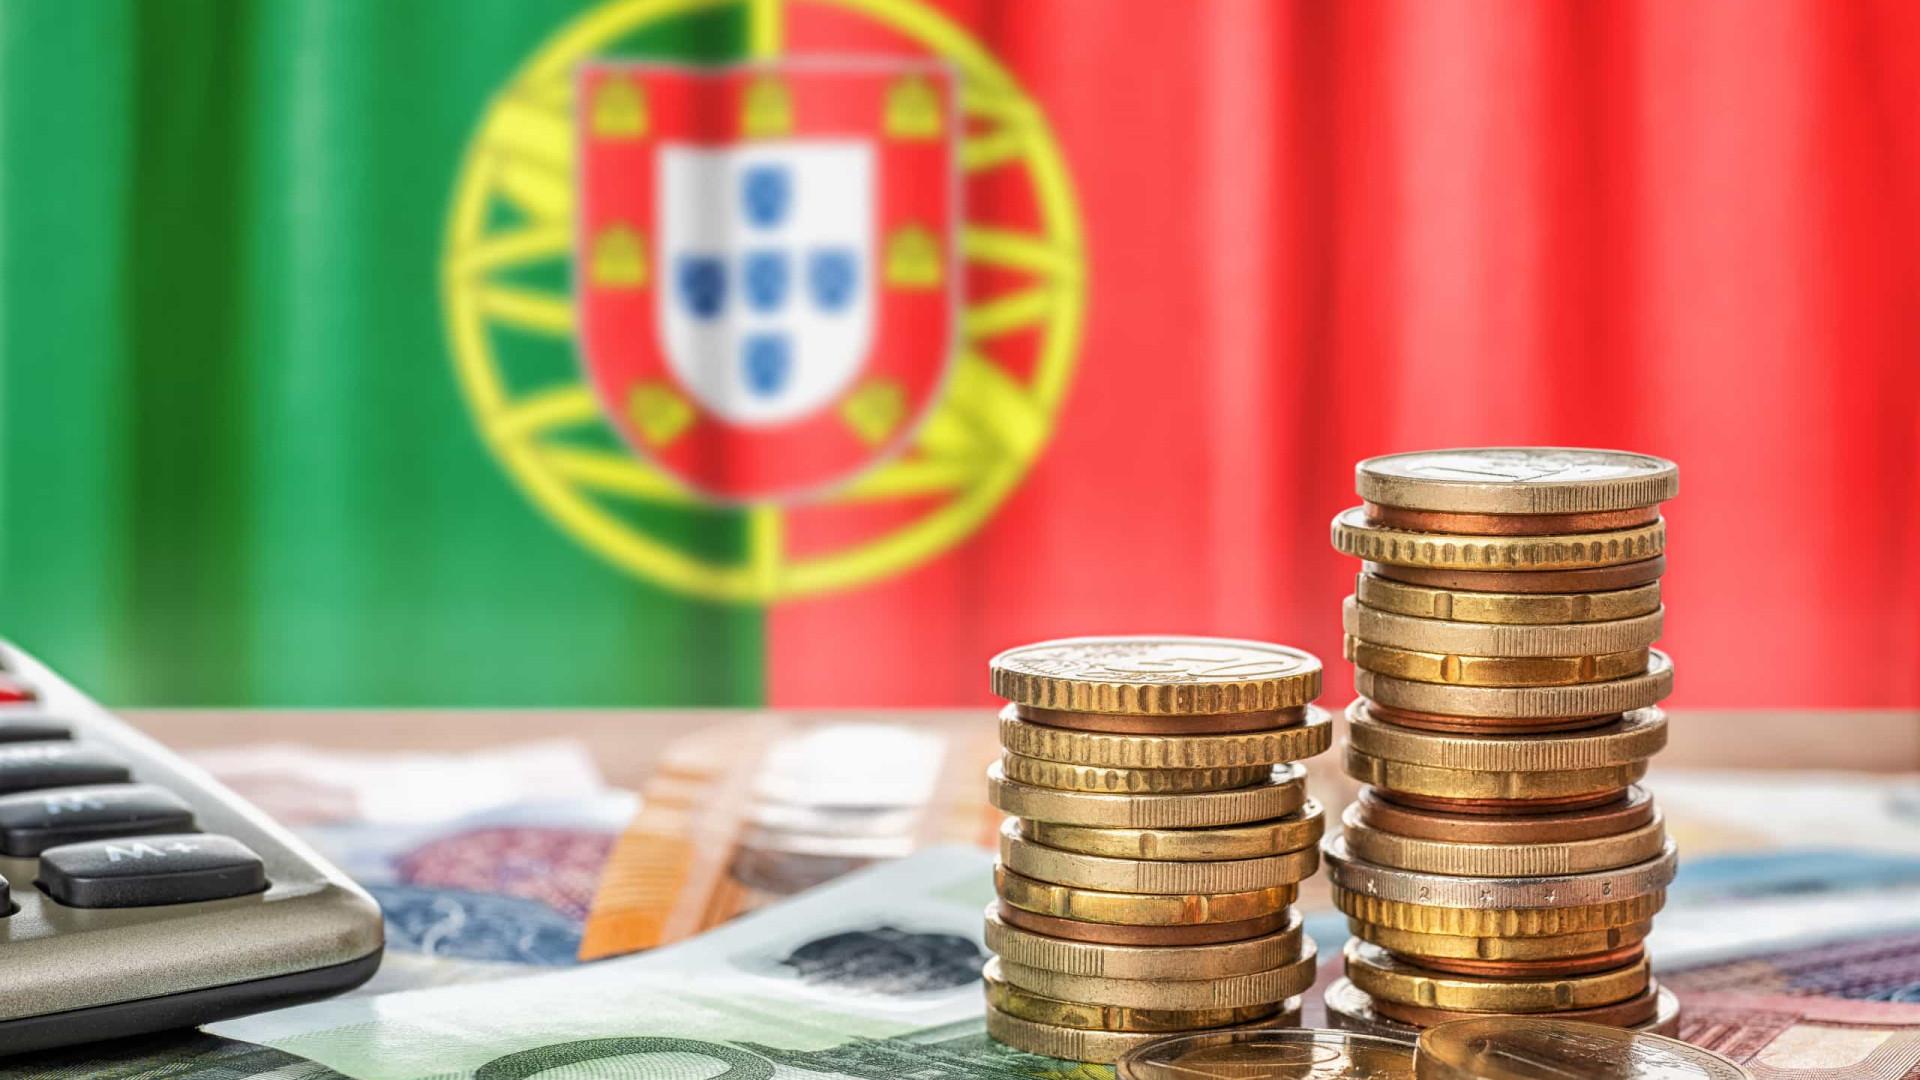 Portugal com maior queda do PIB na UE no 1.º trimestre ao recuar 5,4%